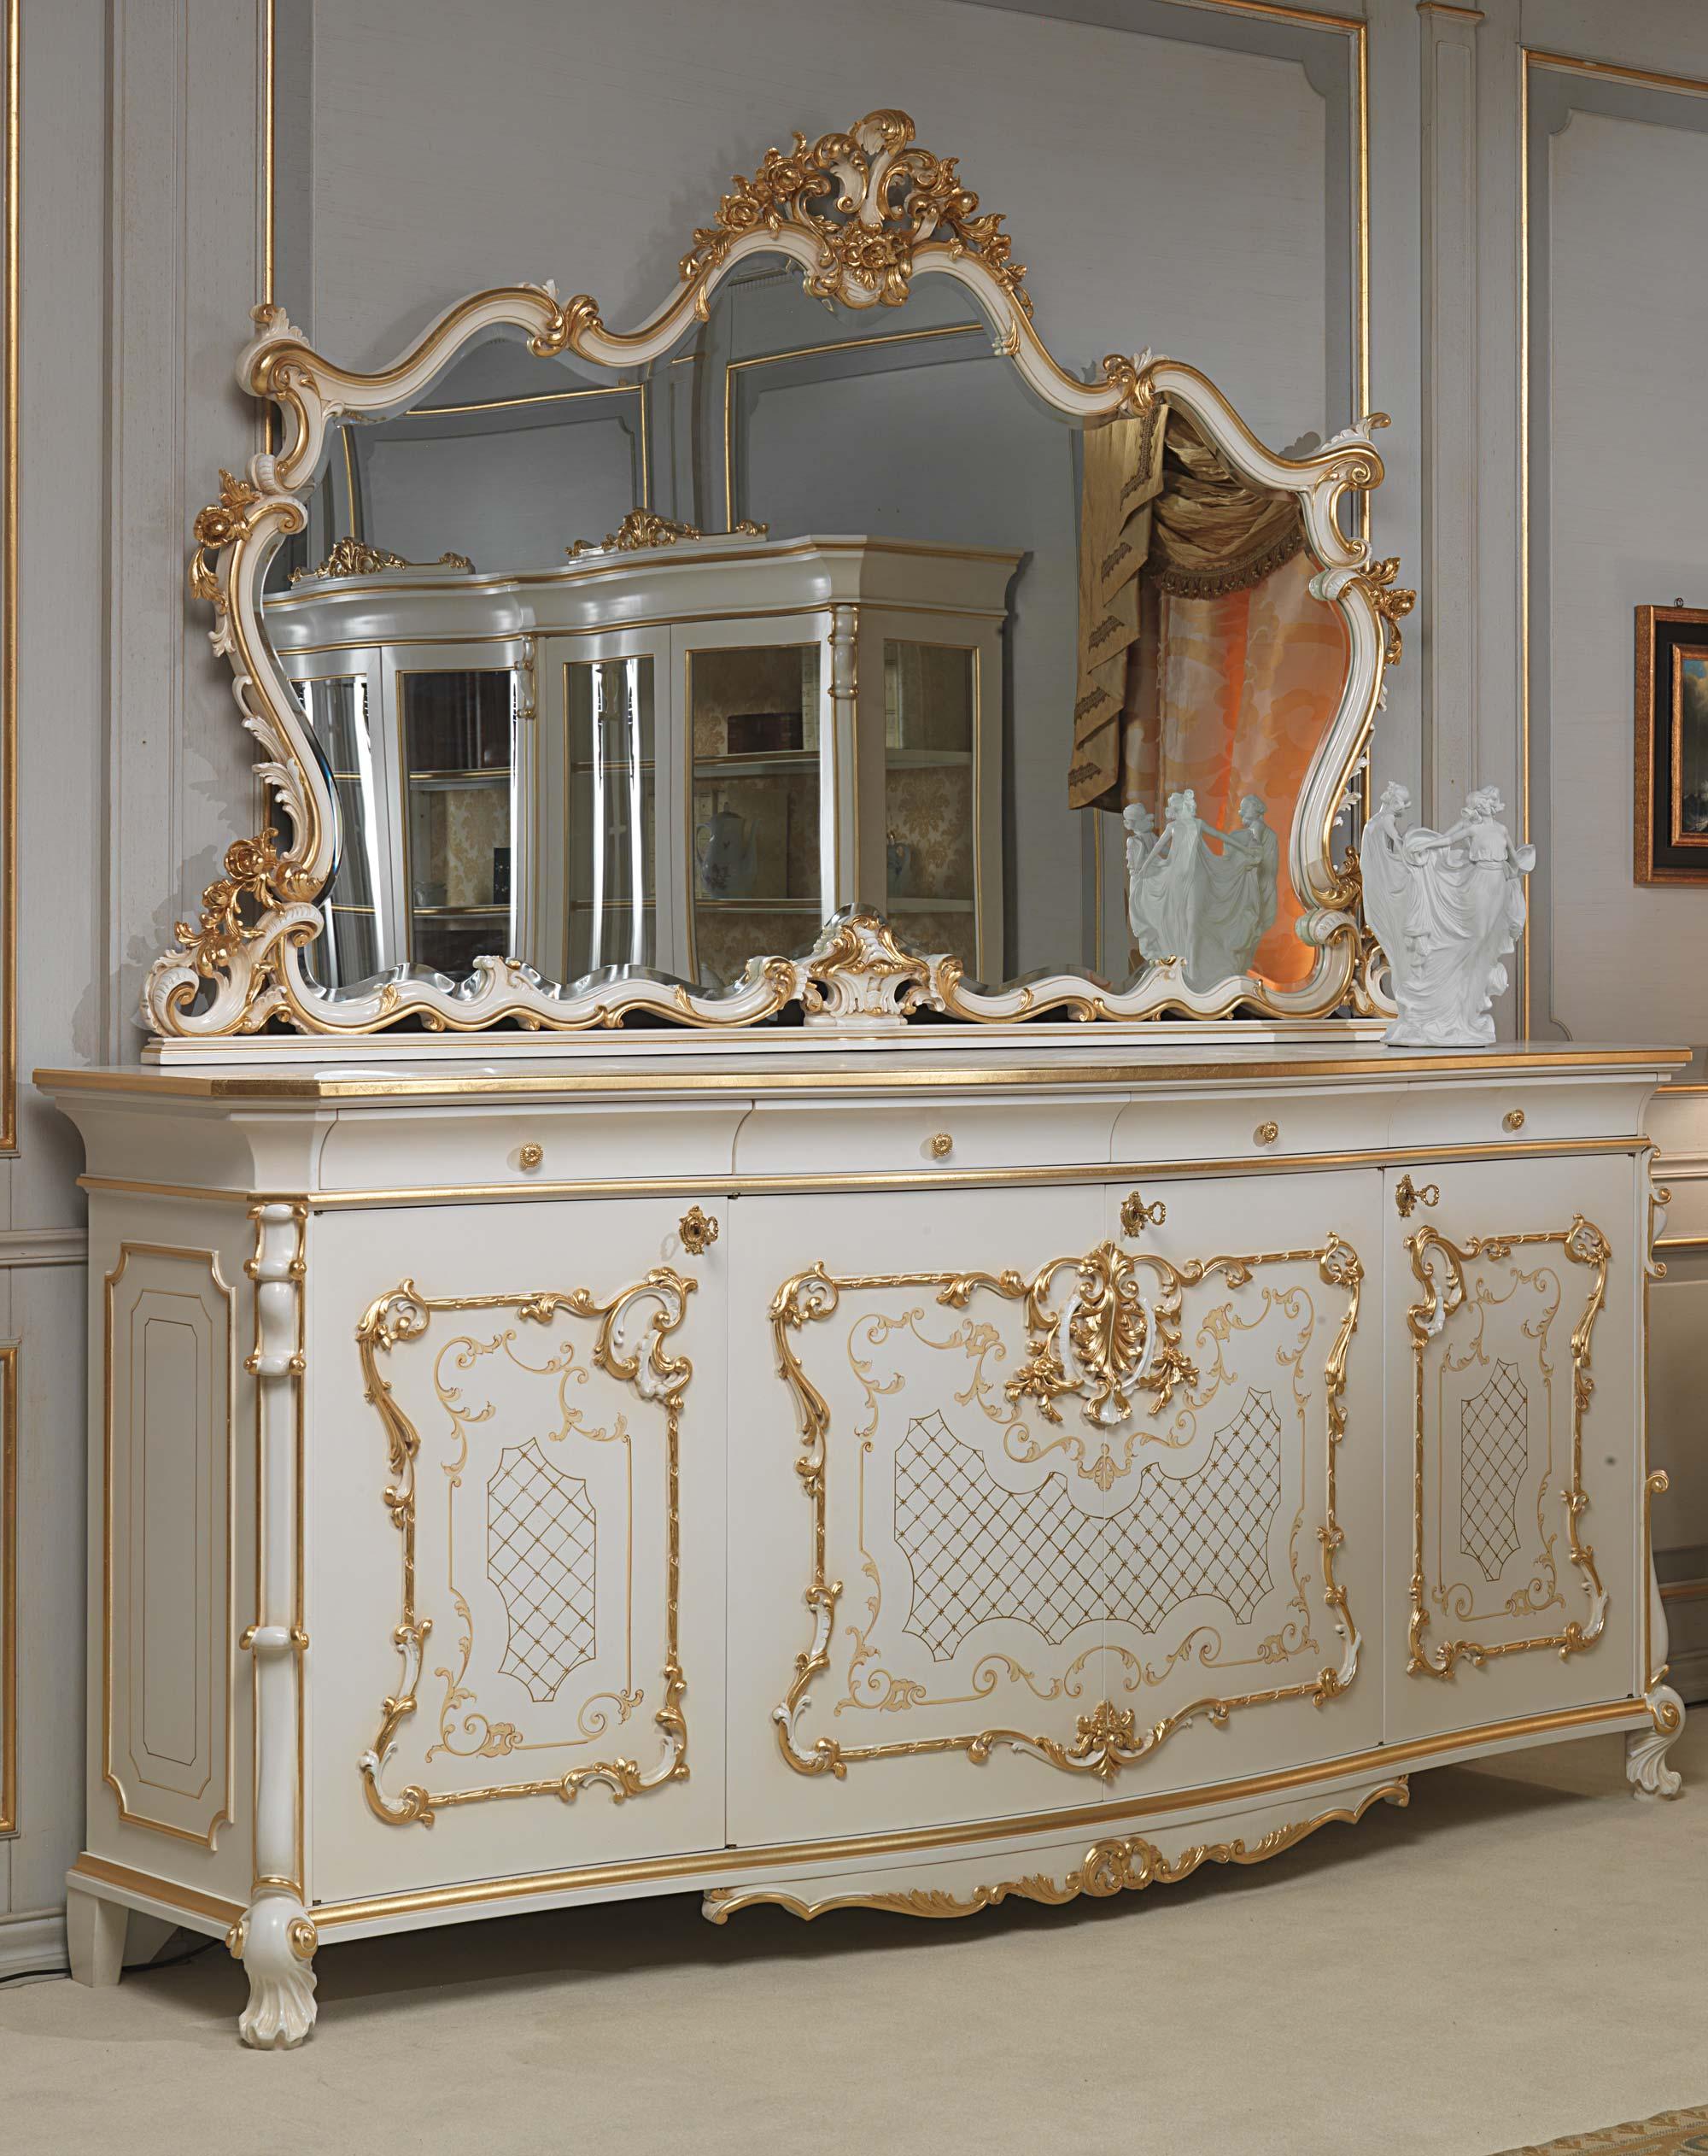 Arredamento sala classica venezia legno di noce e stile for Arredamento venezia